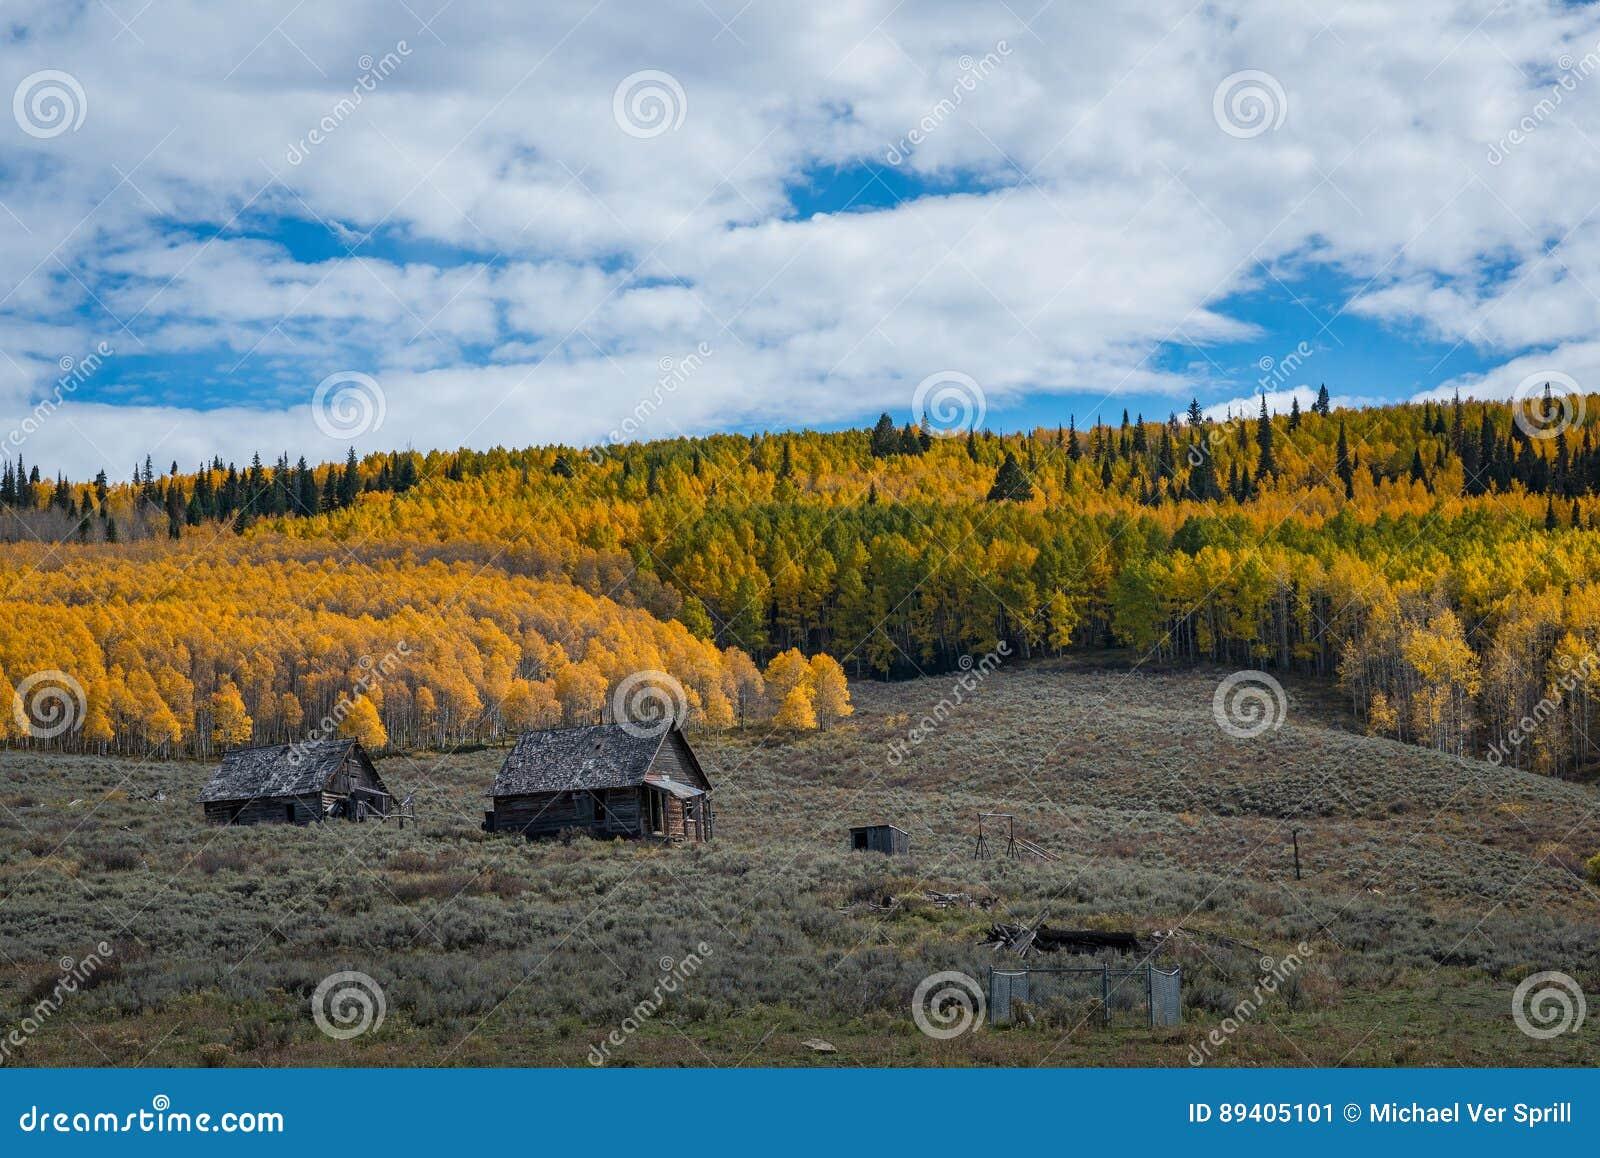 Cabine abandonada perto de Aspen Trees em Colorado